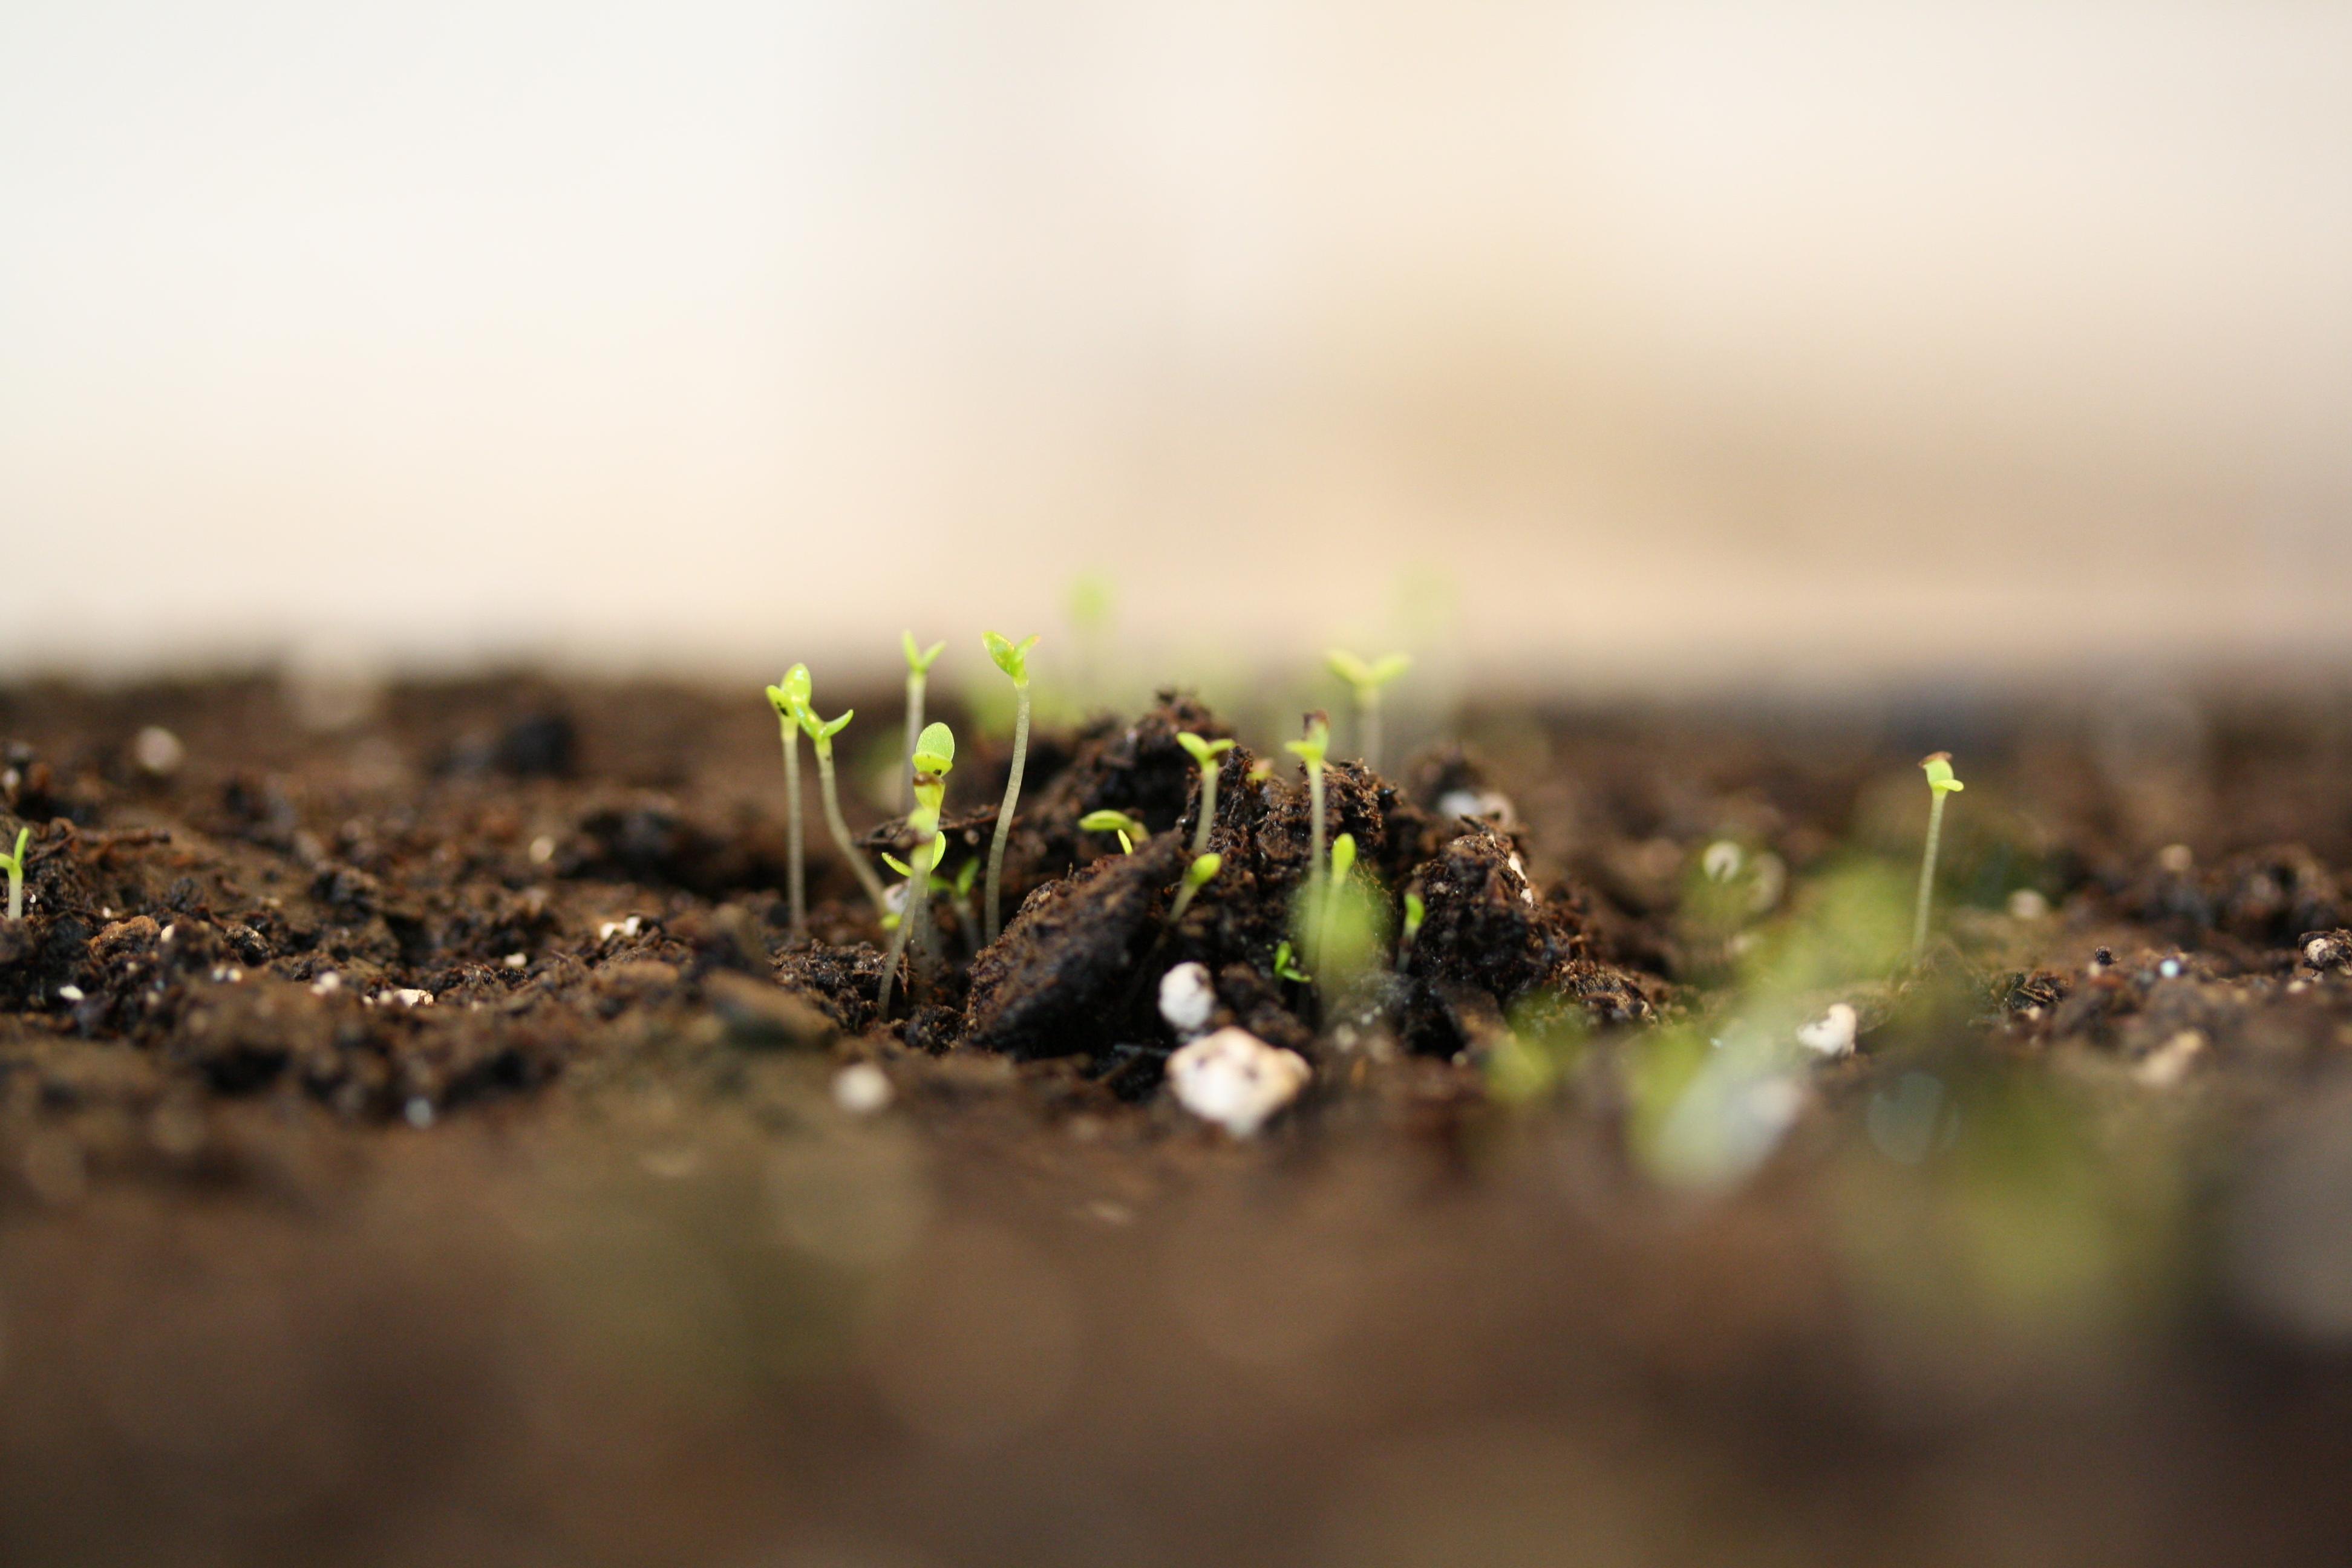 Tarragon sprouts